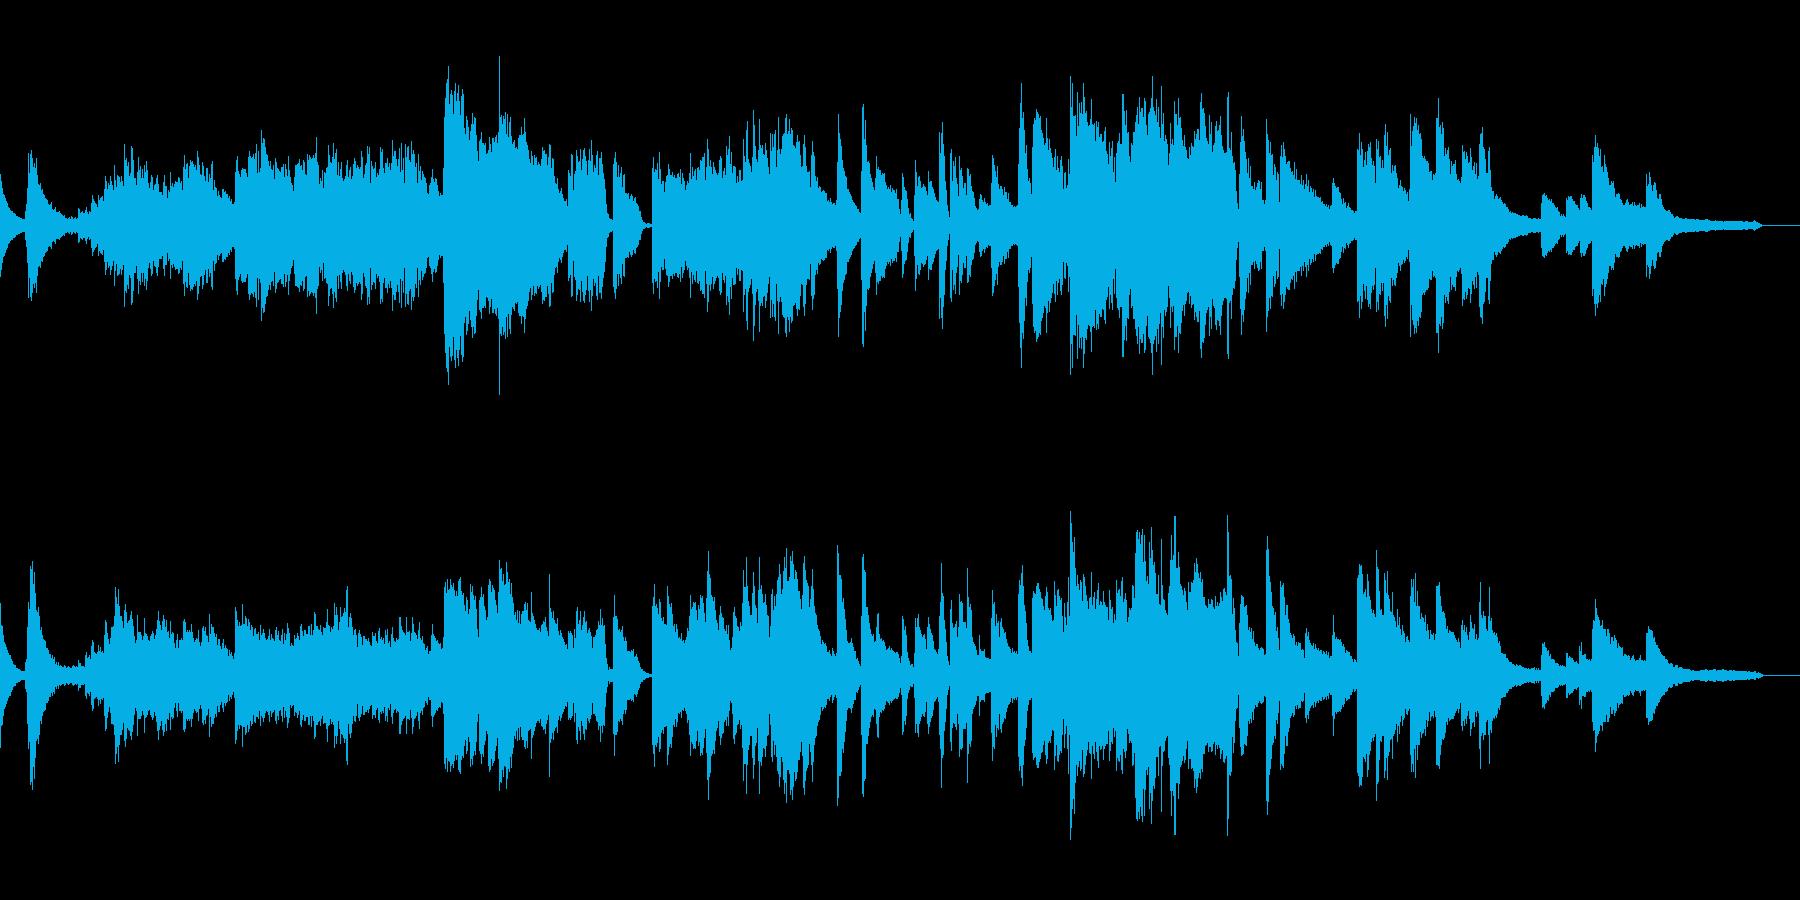 印象的ミステリアスなジャズピアノバラードの再生済みの波形